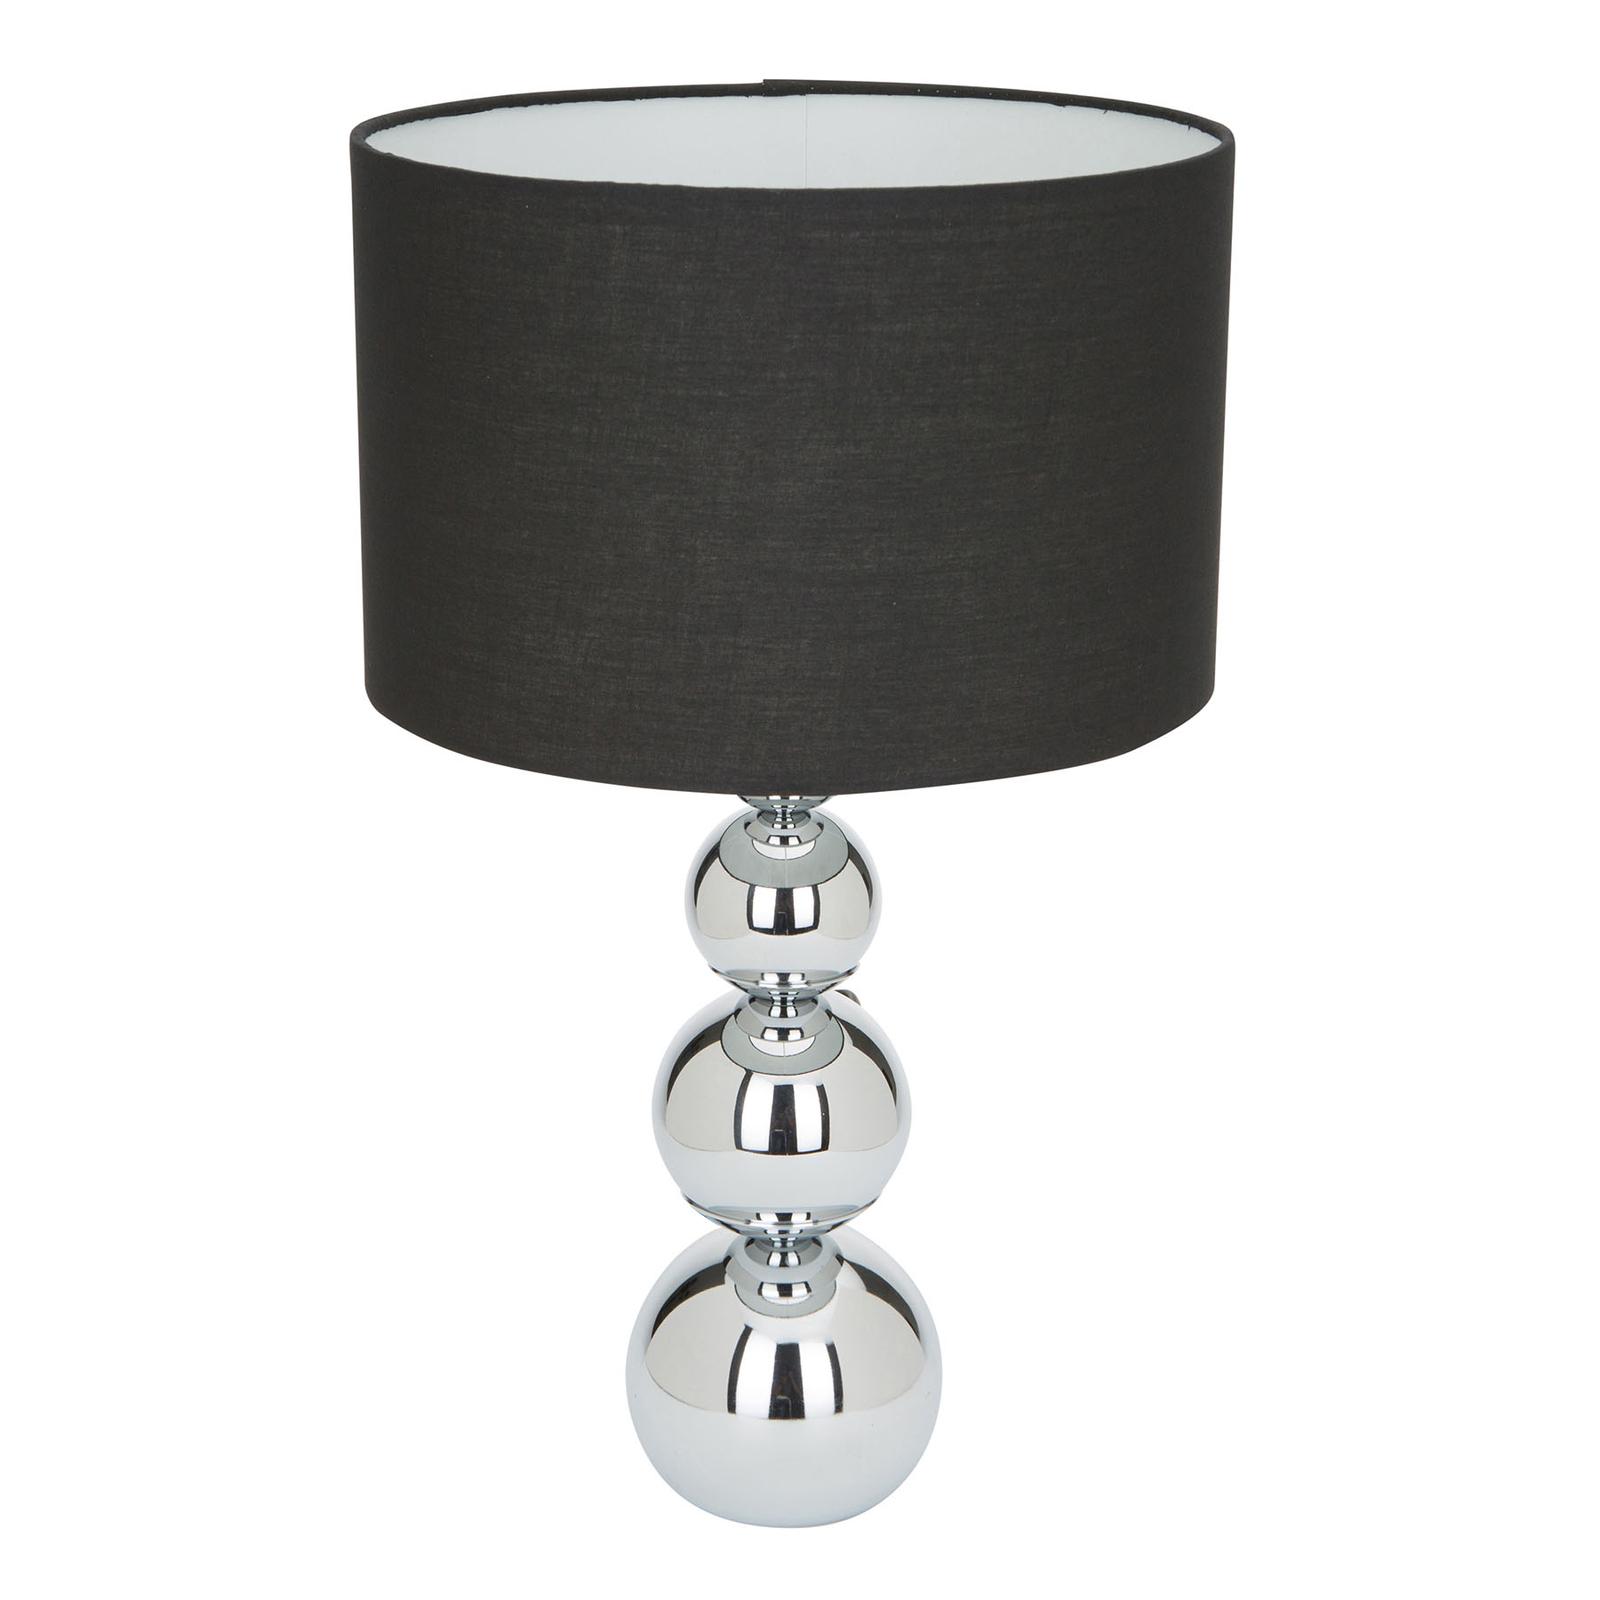 Lampa stołowa Mandy, funkcja dotykowa, czarna